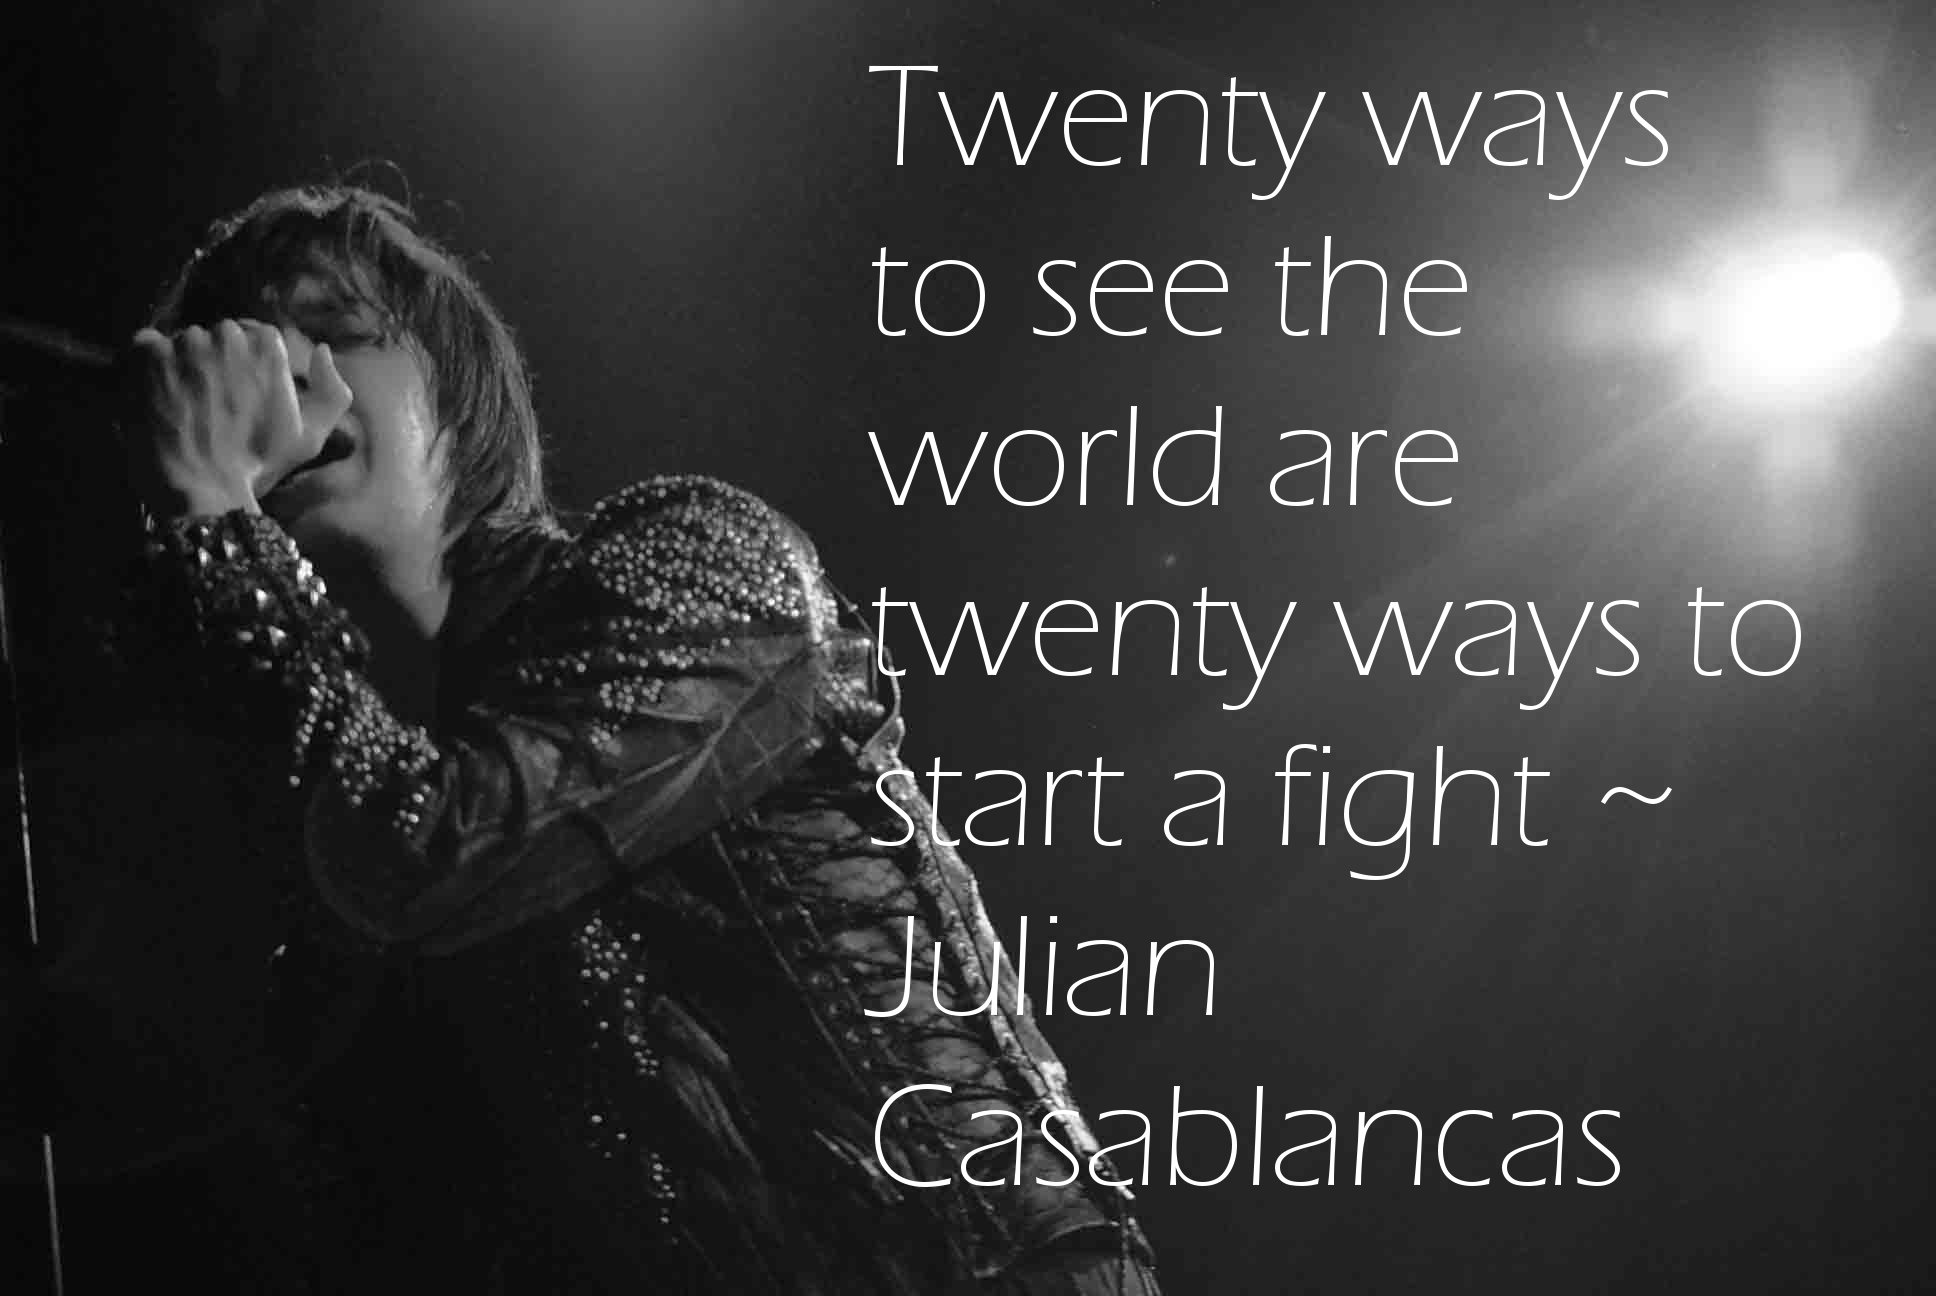 Julian Casablancas's quote #4